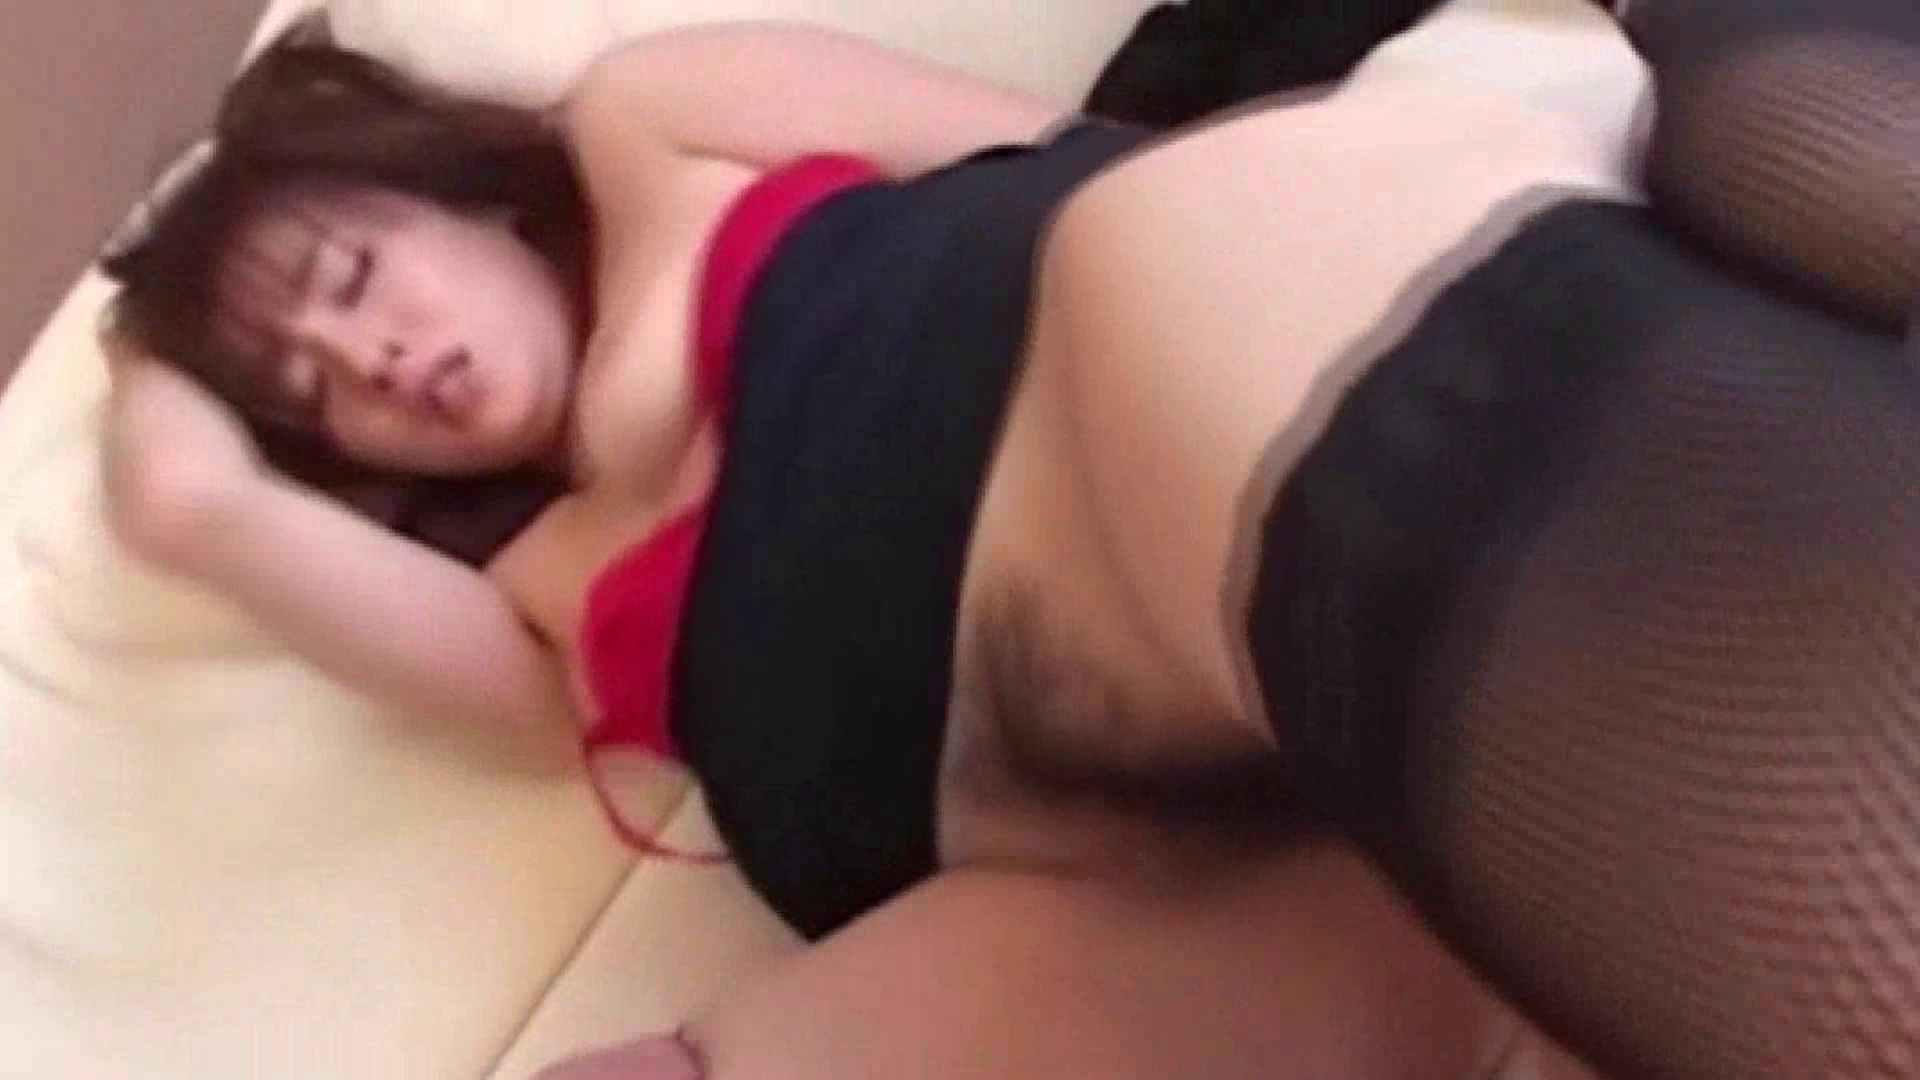 Hで可愛くてケシカラン! Vol.05 SEX のぞき動画キャプチャ 105pic 19